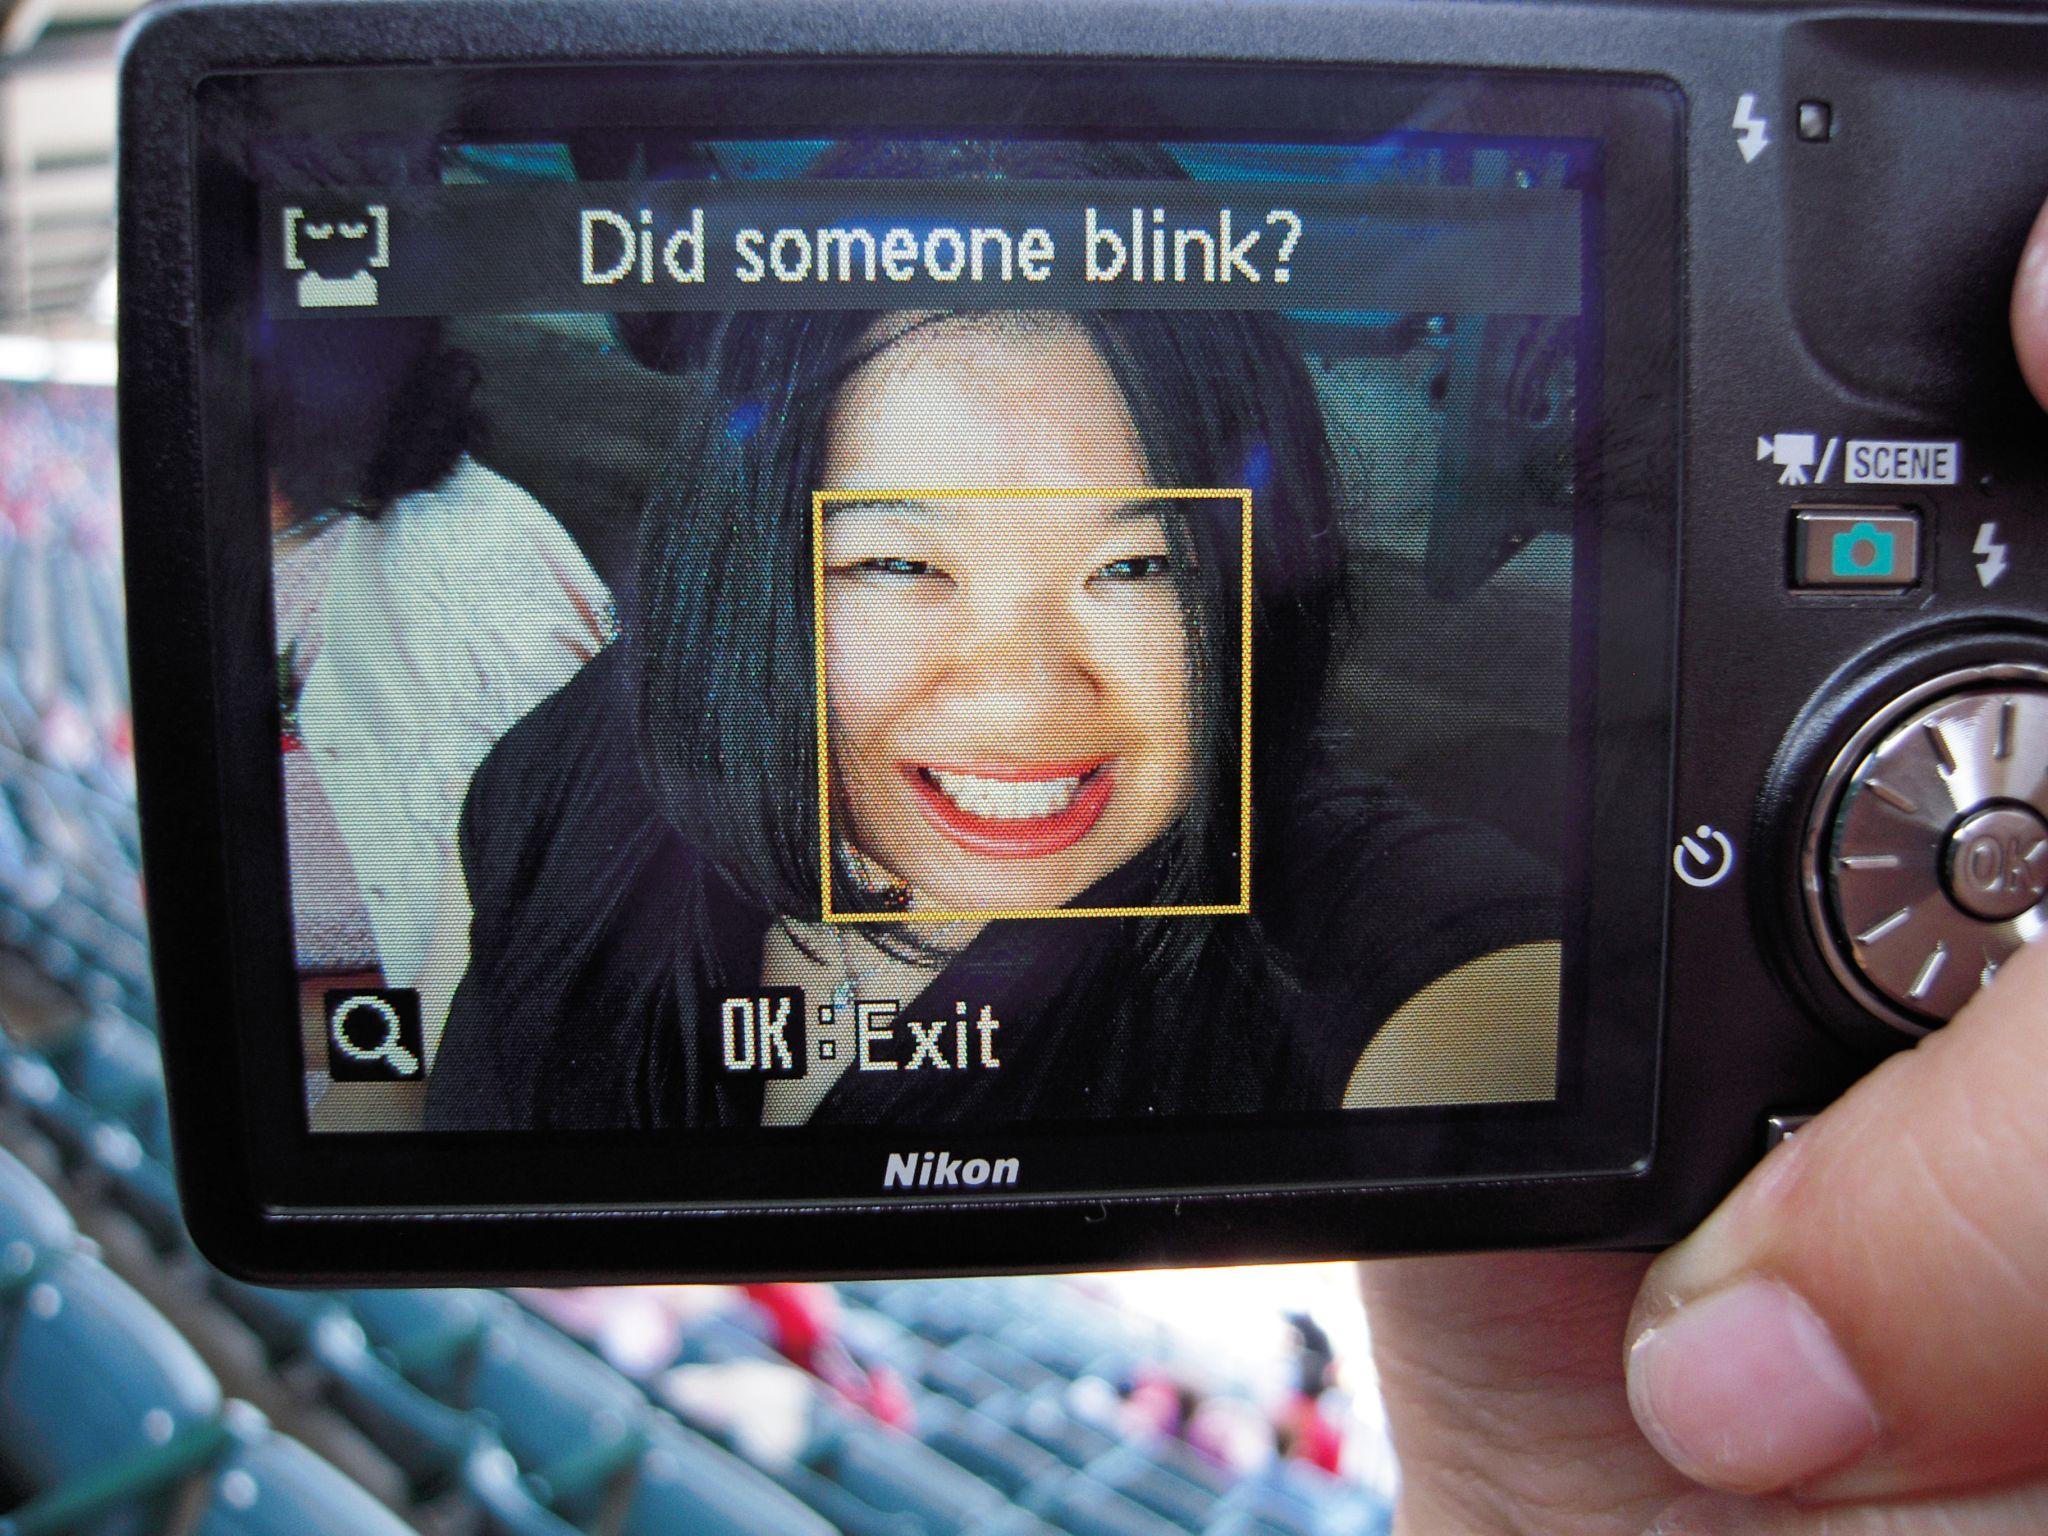 """""""Alguém piscou?"""" A era da fotografia digital continua a gerar situações constrangedoras, como a criada em 2010 por esta câmera da Nikon, que tinha dificuldade em distinguir traços fisionômicos. Acervo Joz Wang"""